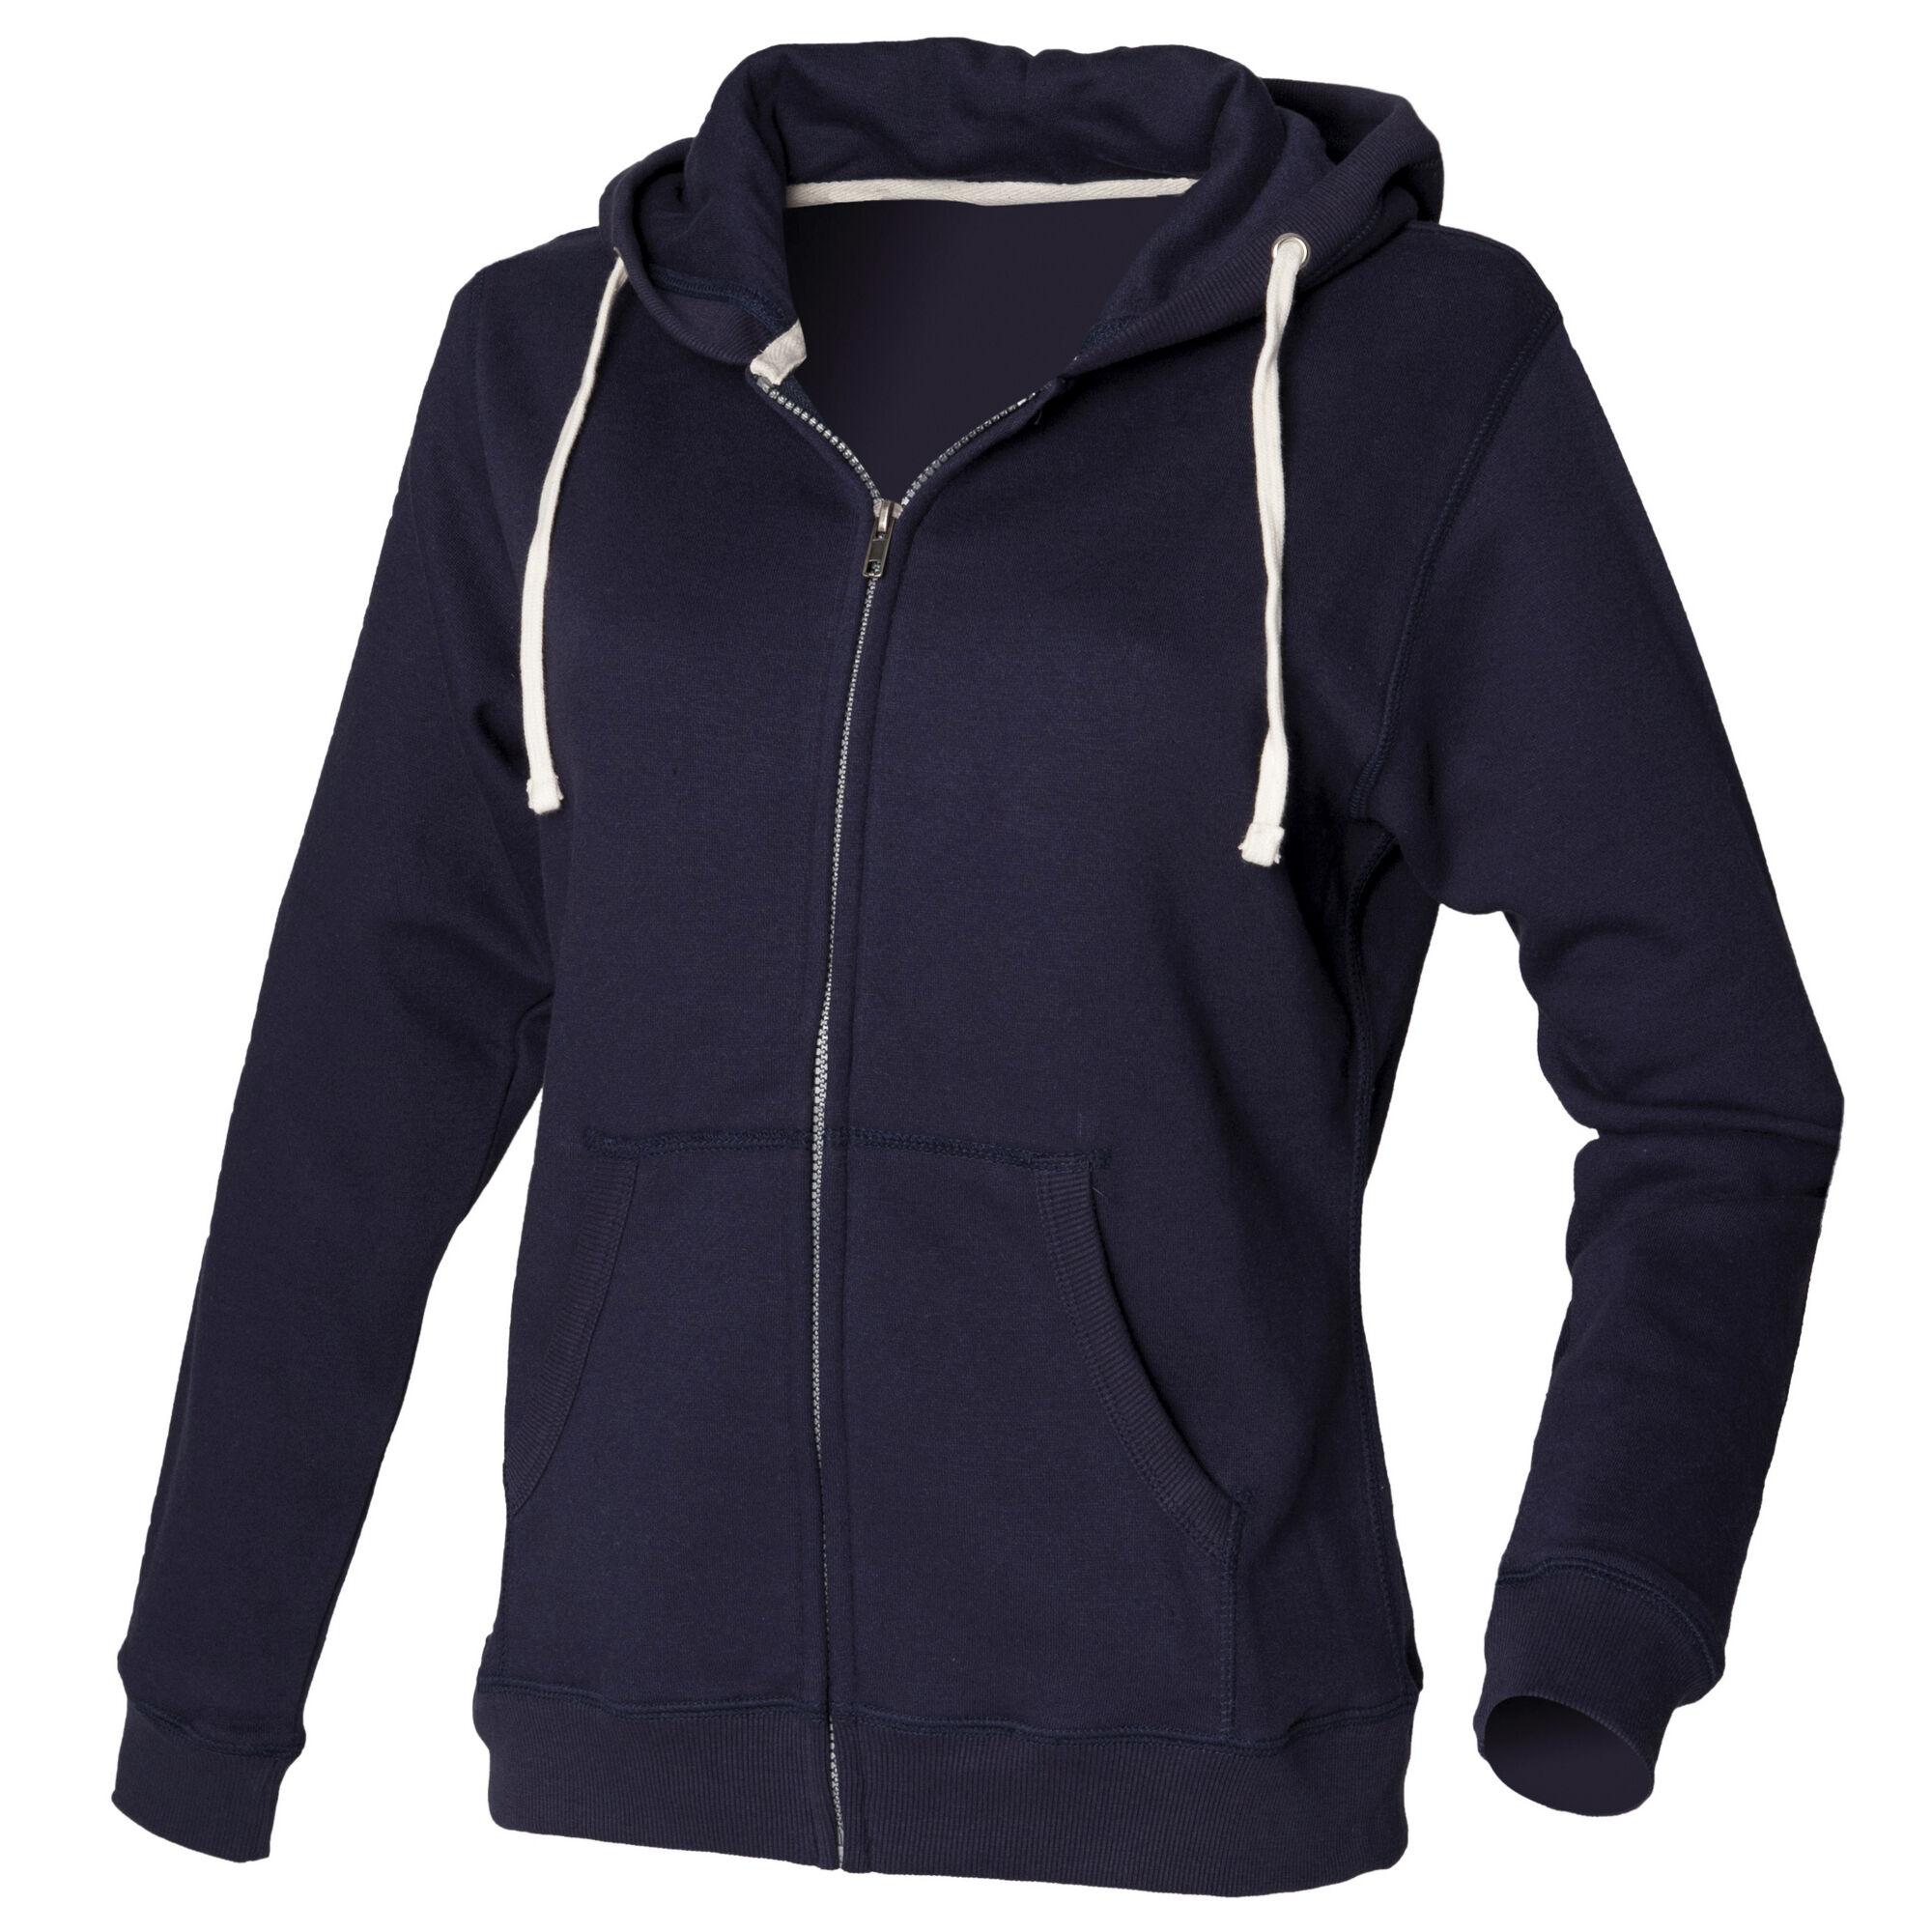 Front Row - Sweatshirt À Capuche Et Fermeture Zippée - Femme (Bleu marine) - UTRW507